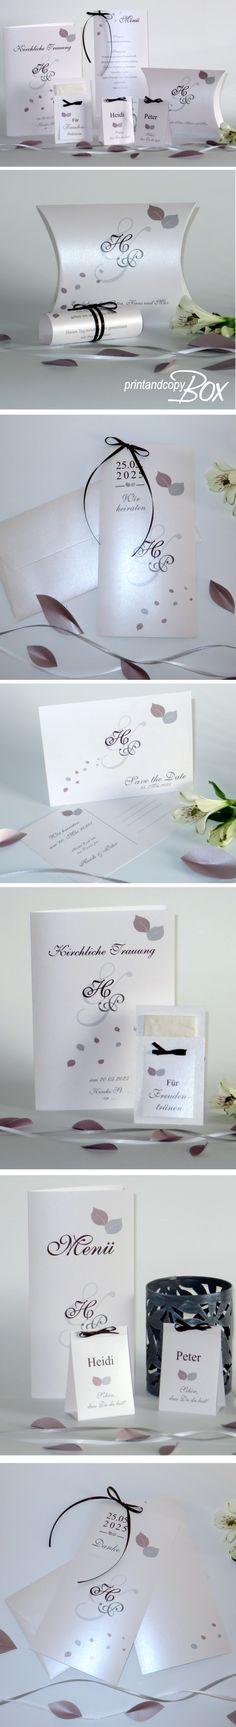 Schlichte Eleganz strahlen diese Hochzeitseinladungen aus. Zarte Blätter und die Initialen bilden zusammen ein wunderschönes Design. Die passenden Menükarten, Tischkarten, Kirchenhefte und Freudentränen findet Ihr ebenfalls im Onlineshop. Brautpaare, die das Schlichte mögen, werden diese Hochzeitskarten lieben. #hochzeit #hochzeitsidee #blätter #design #trendy